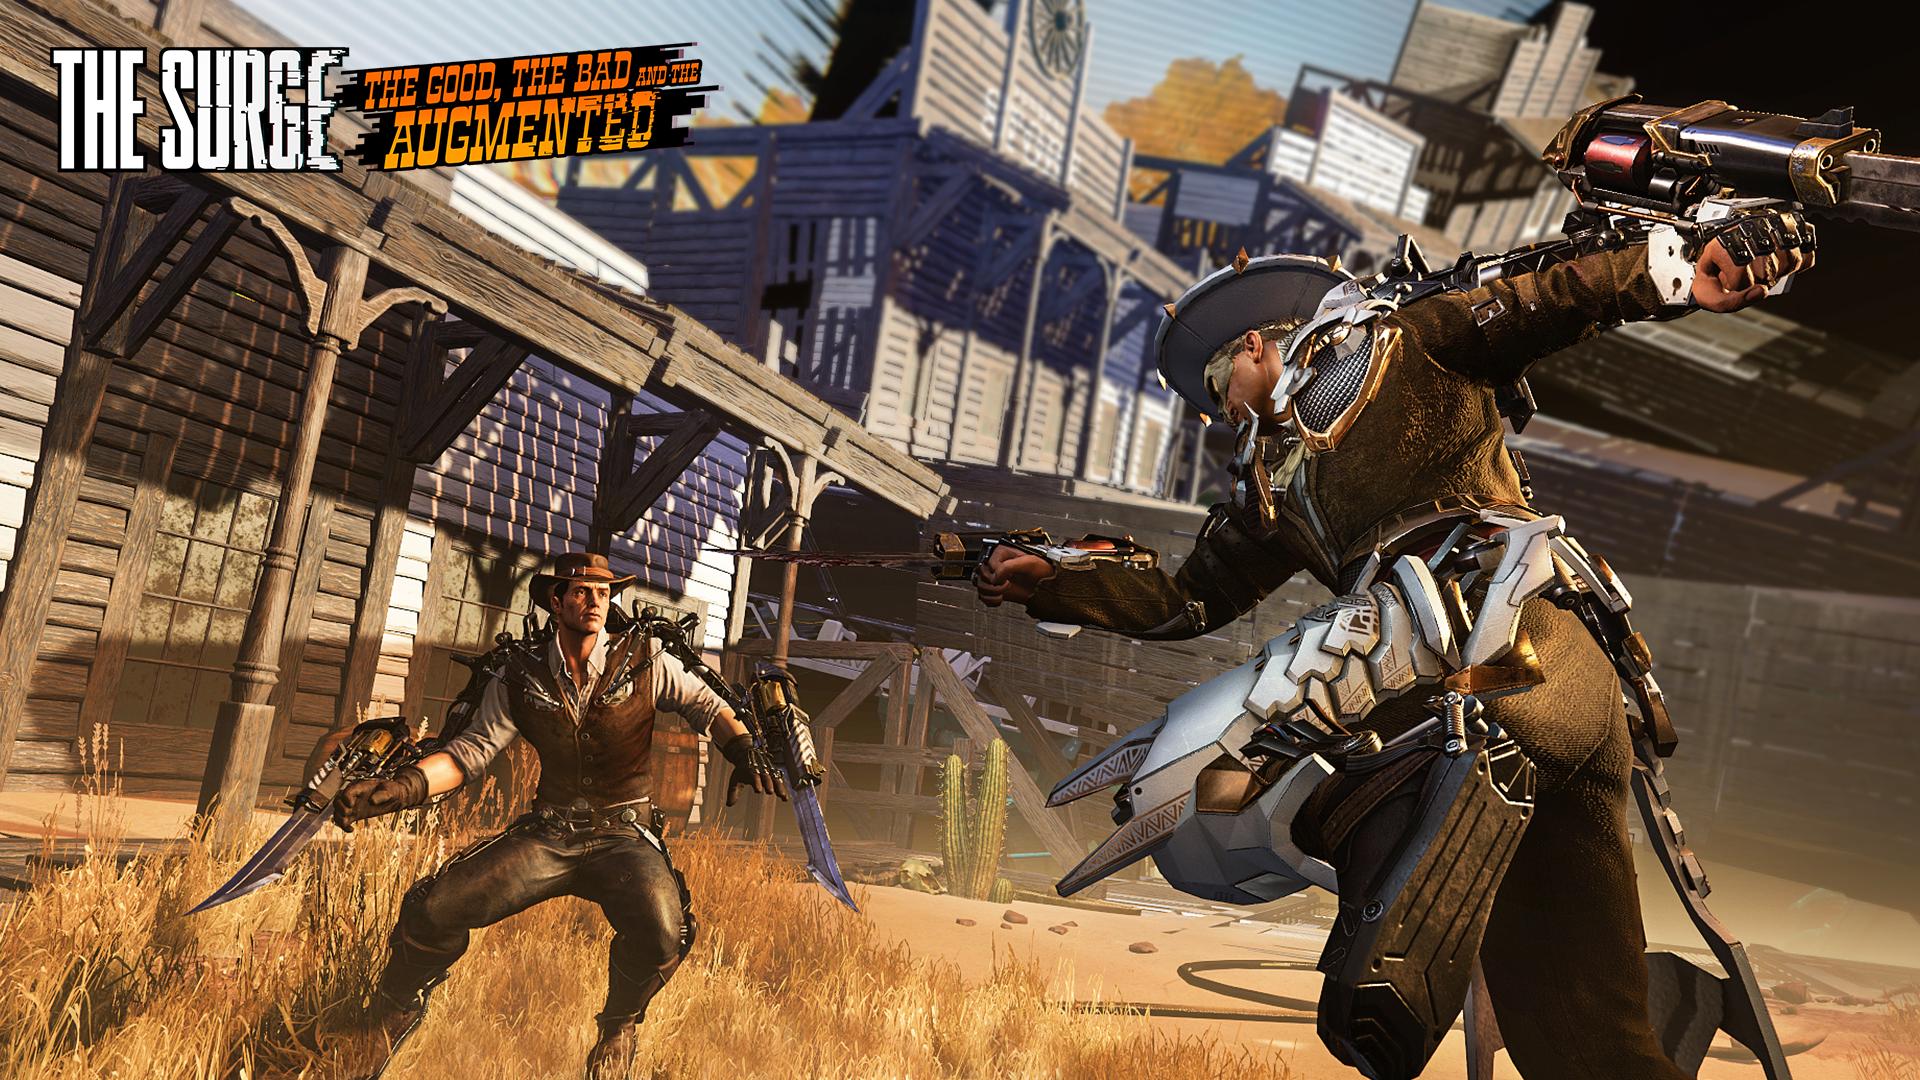 The Surge Wild West DLC First Screenshots Show a Gunslinger Grim Re